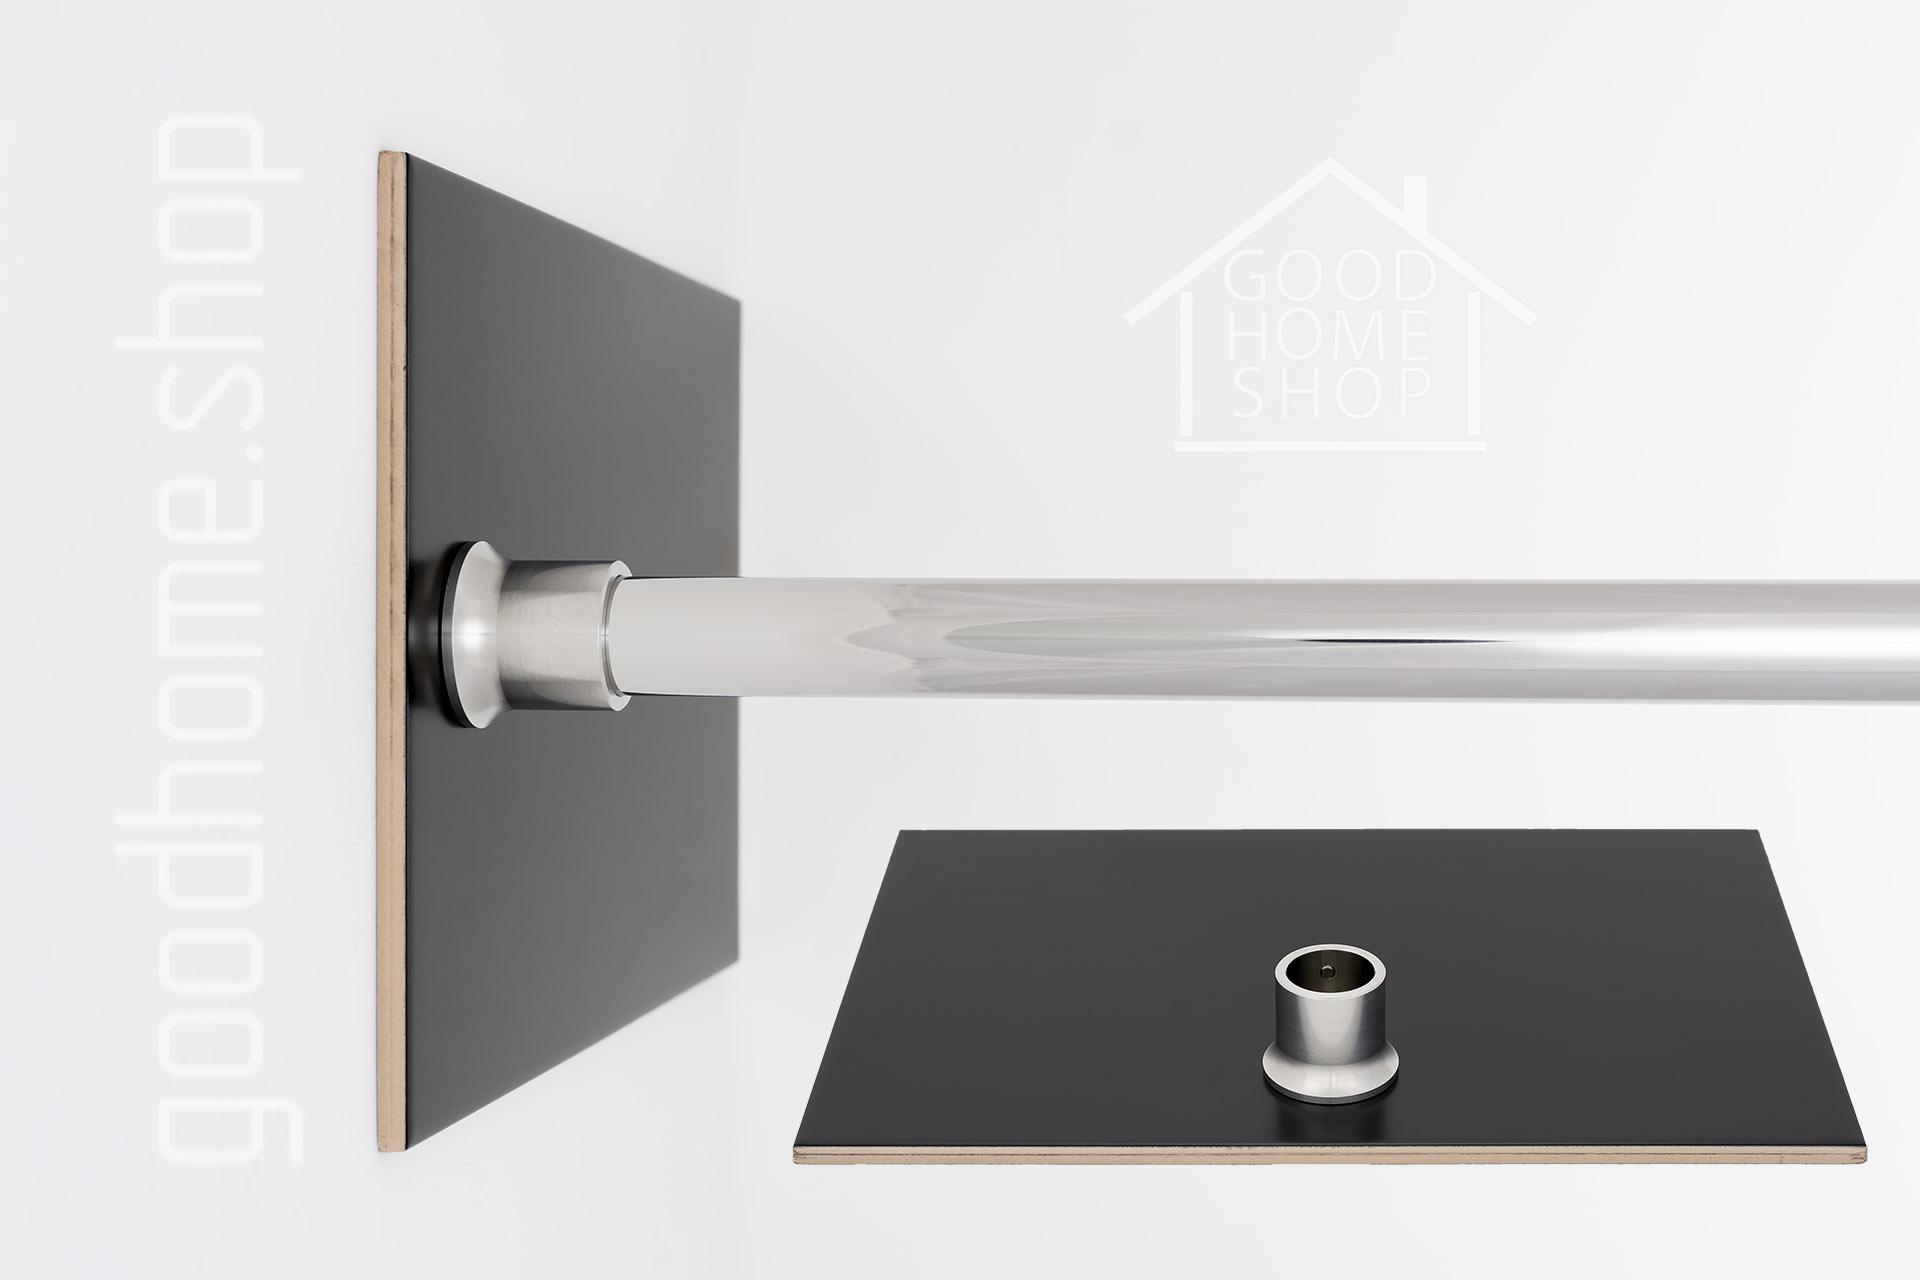 """Карниз для ванной (Штанга) """"премиум"""" Balteco Roma 179x80 Г-образный, угловой"""